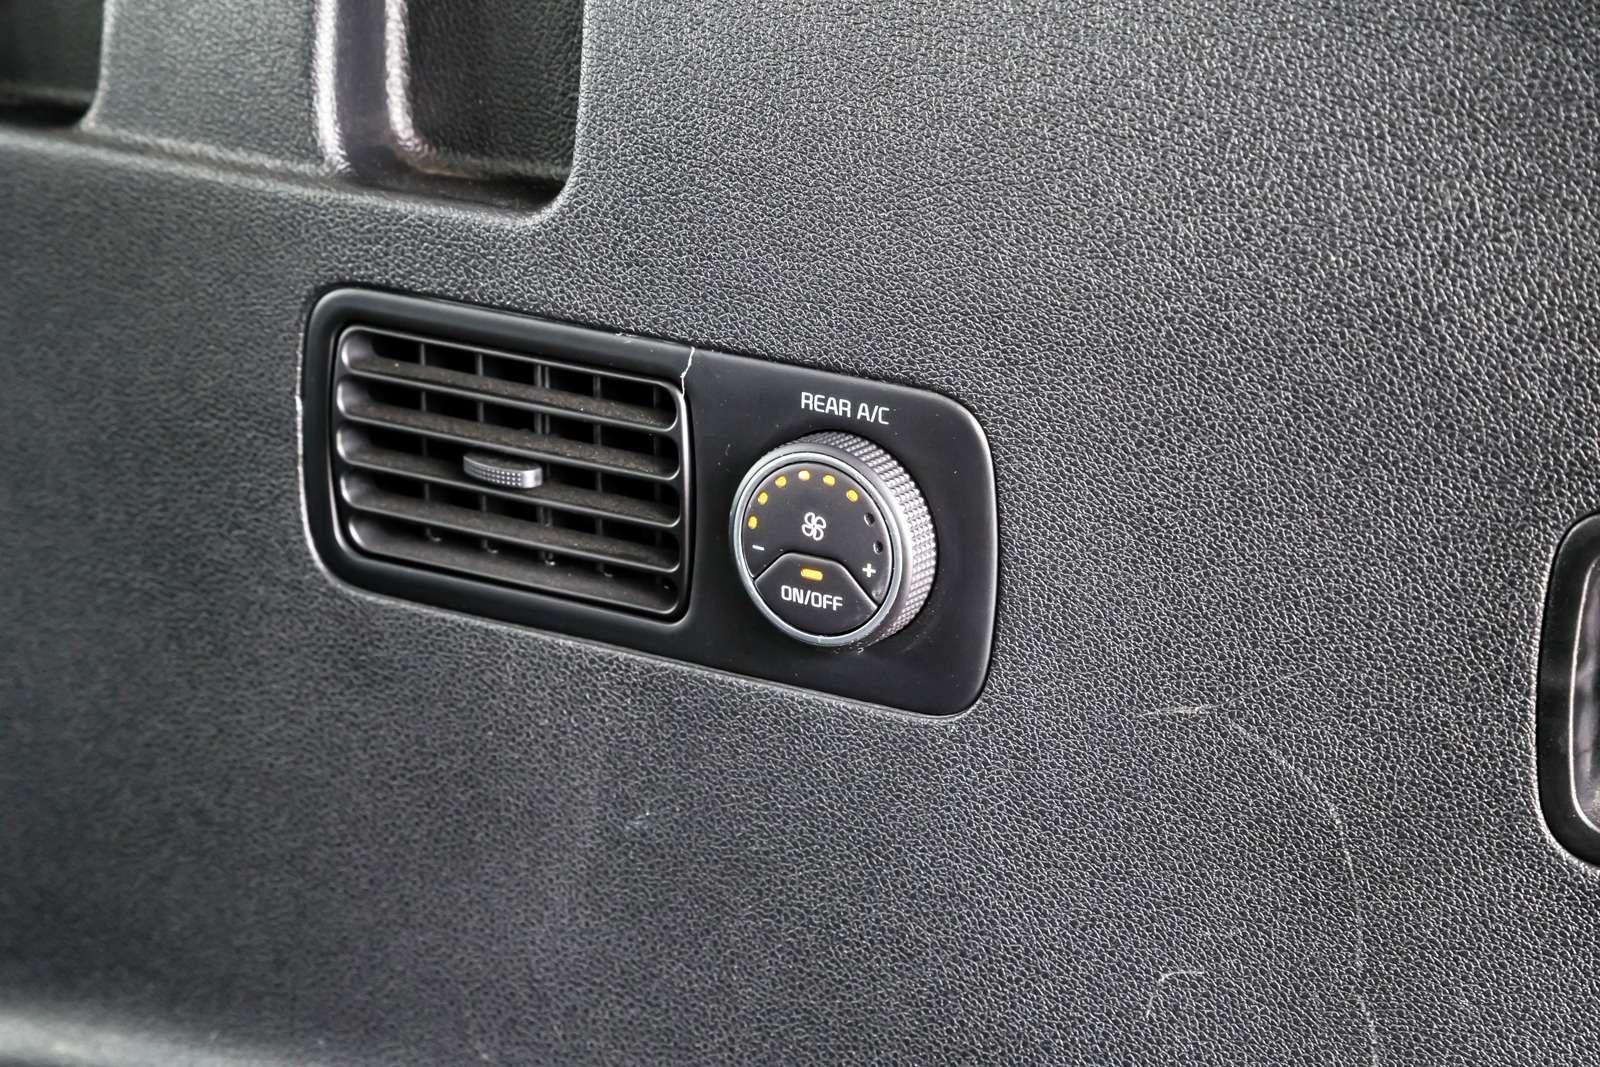 Тест полноразмерных кроссоверов: Honda Pilot, Kia Sorento Prime иFord Explorer— фото 614998